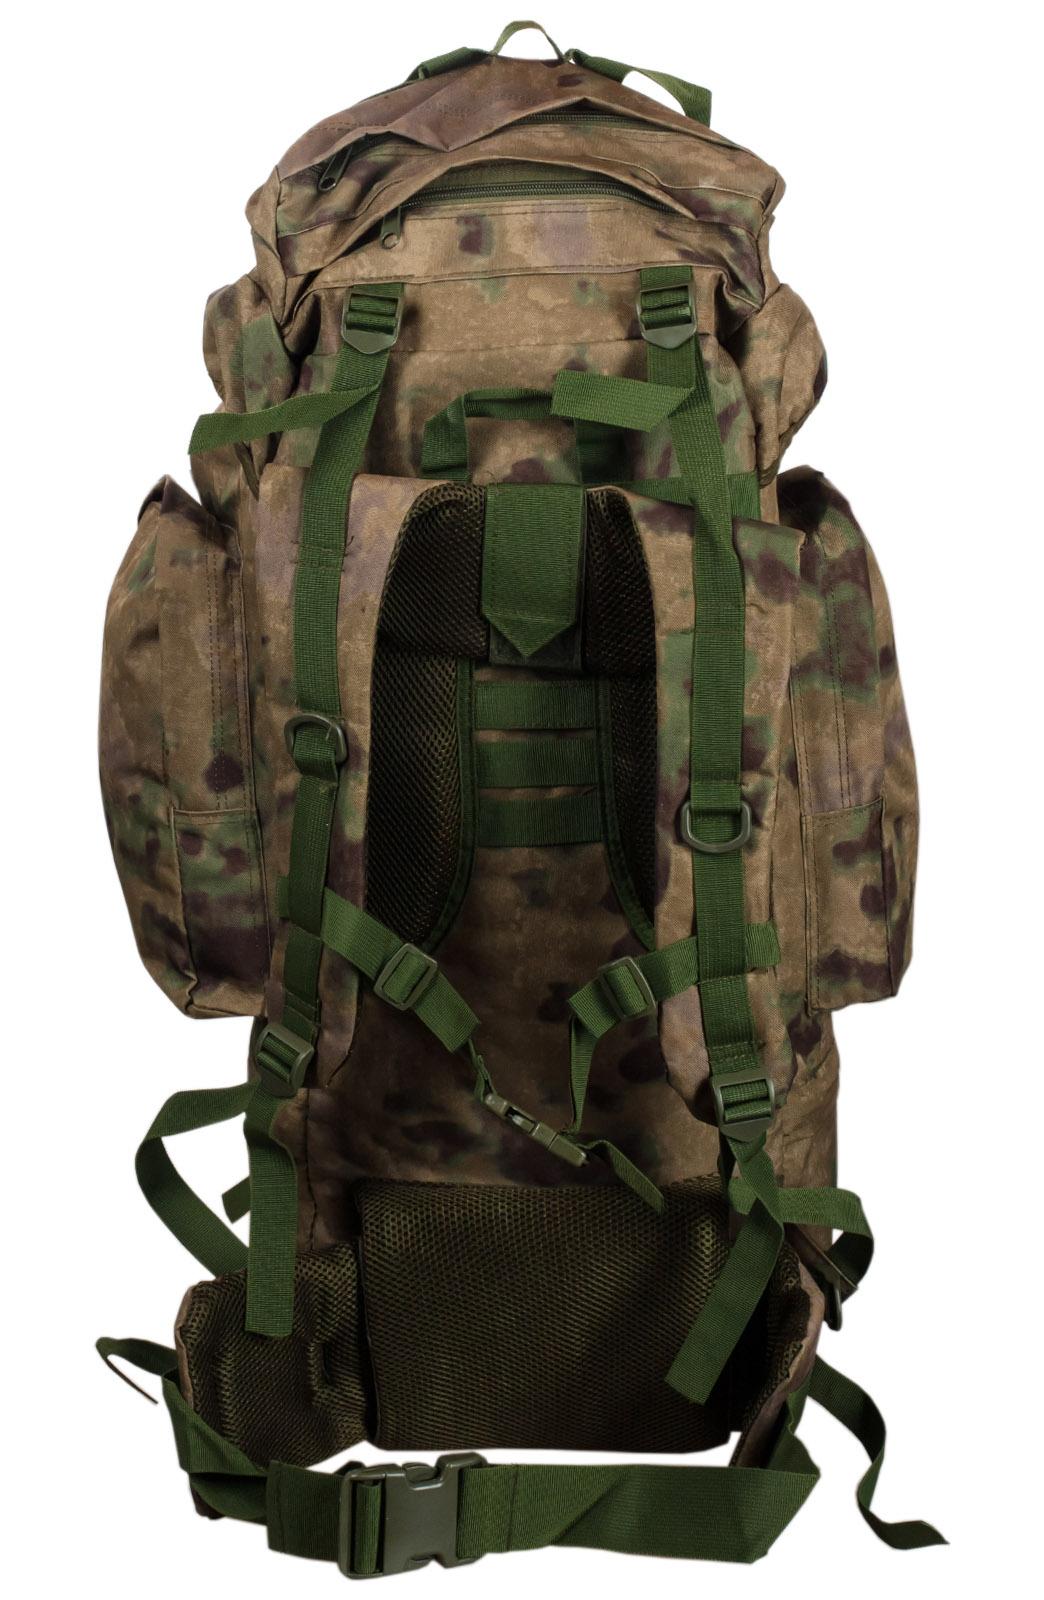 Полевой тактический рюкзак A-TACS FG Camo на 60 литров с эмблемой МВД заказать в Военпро